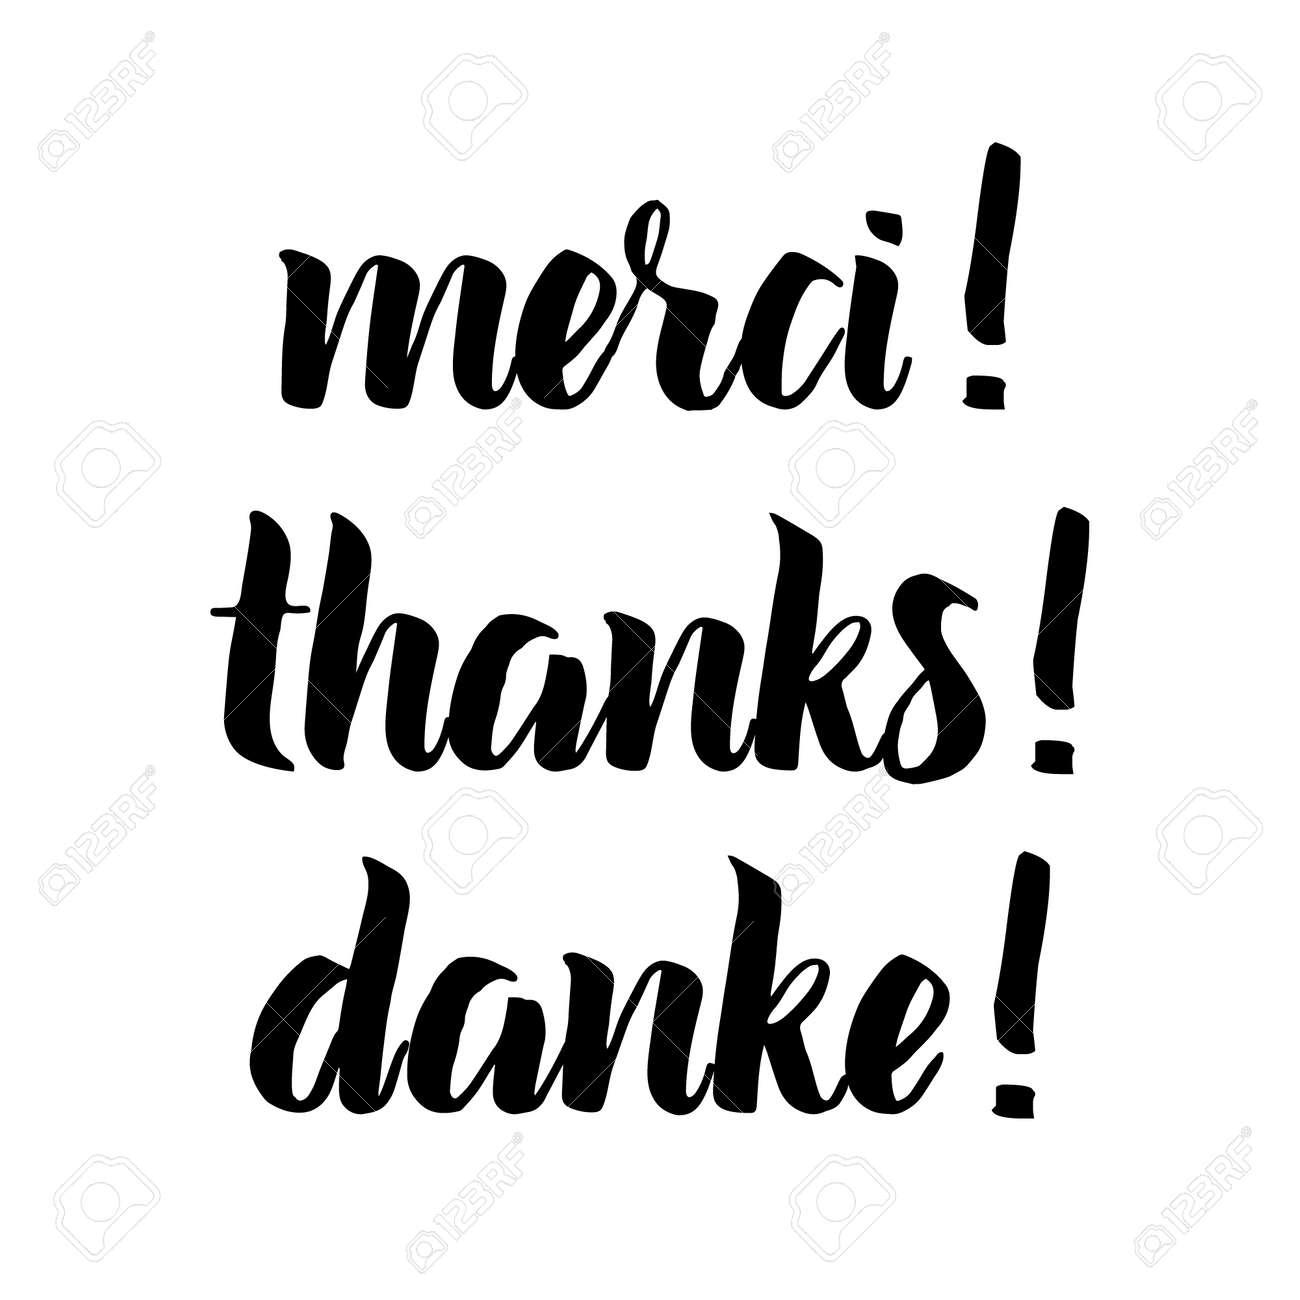 Frase De Agradecimiento Letras Negras Dibujadas A Mano Superposición De Fotos En Estilo Vintage Gracias Merci Danke En Inglés Francés Alemán